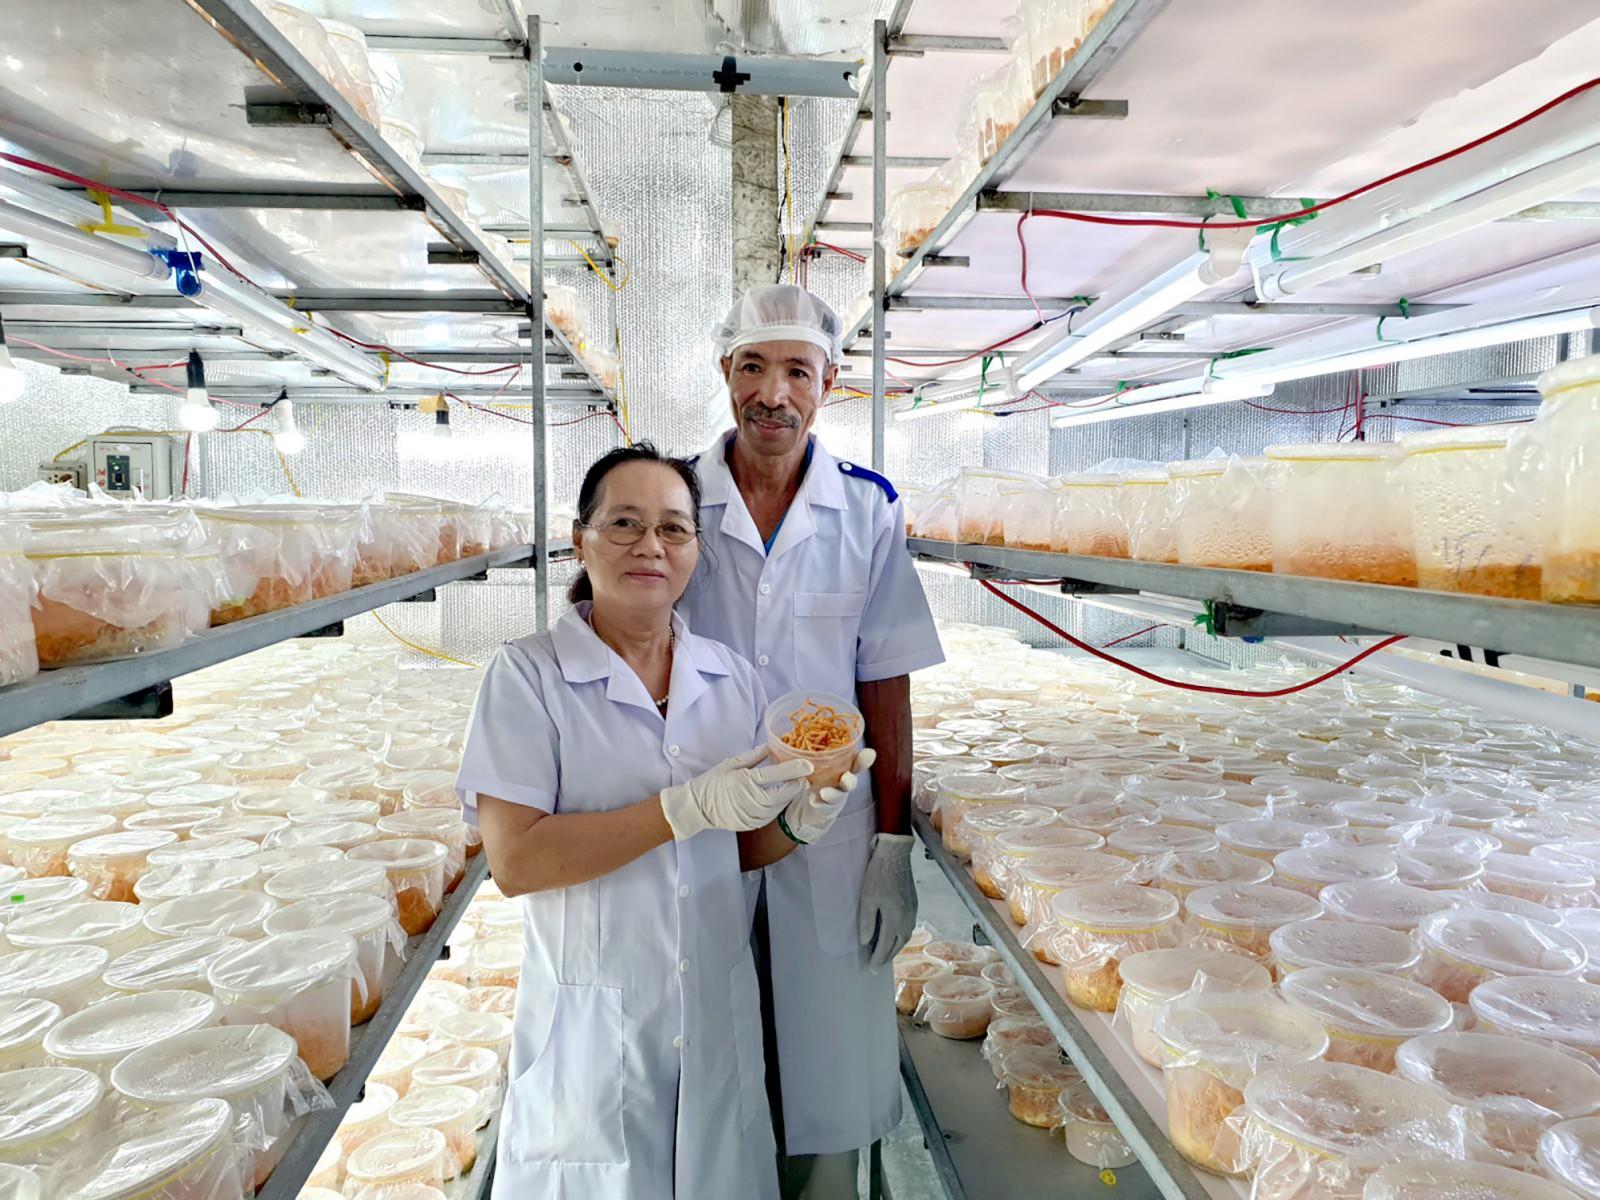 Vợ chồng ông Bùi Quang Huấn và bà Bùi Thị Xoa, ngụ tại ấp 3, xã Thạnh Phú, huyện Cờ Đỏ giới thiệu mô hình nuôi trồng đông trùng hạ thảo của gia đình. Ảnh: HỒNG VÂN